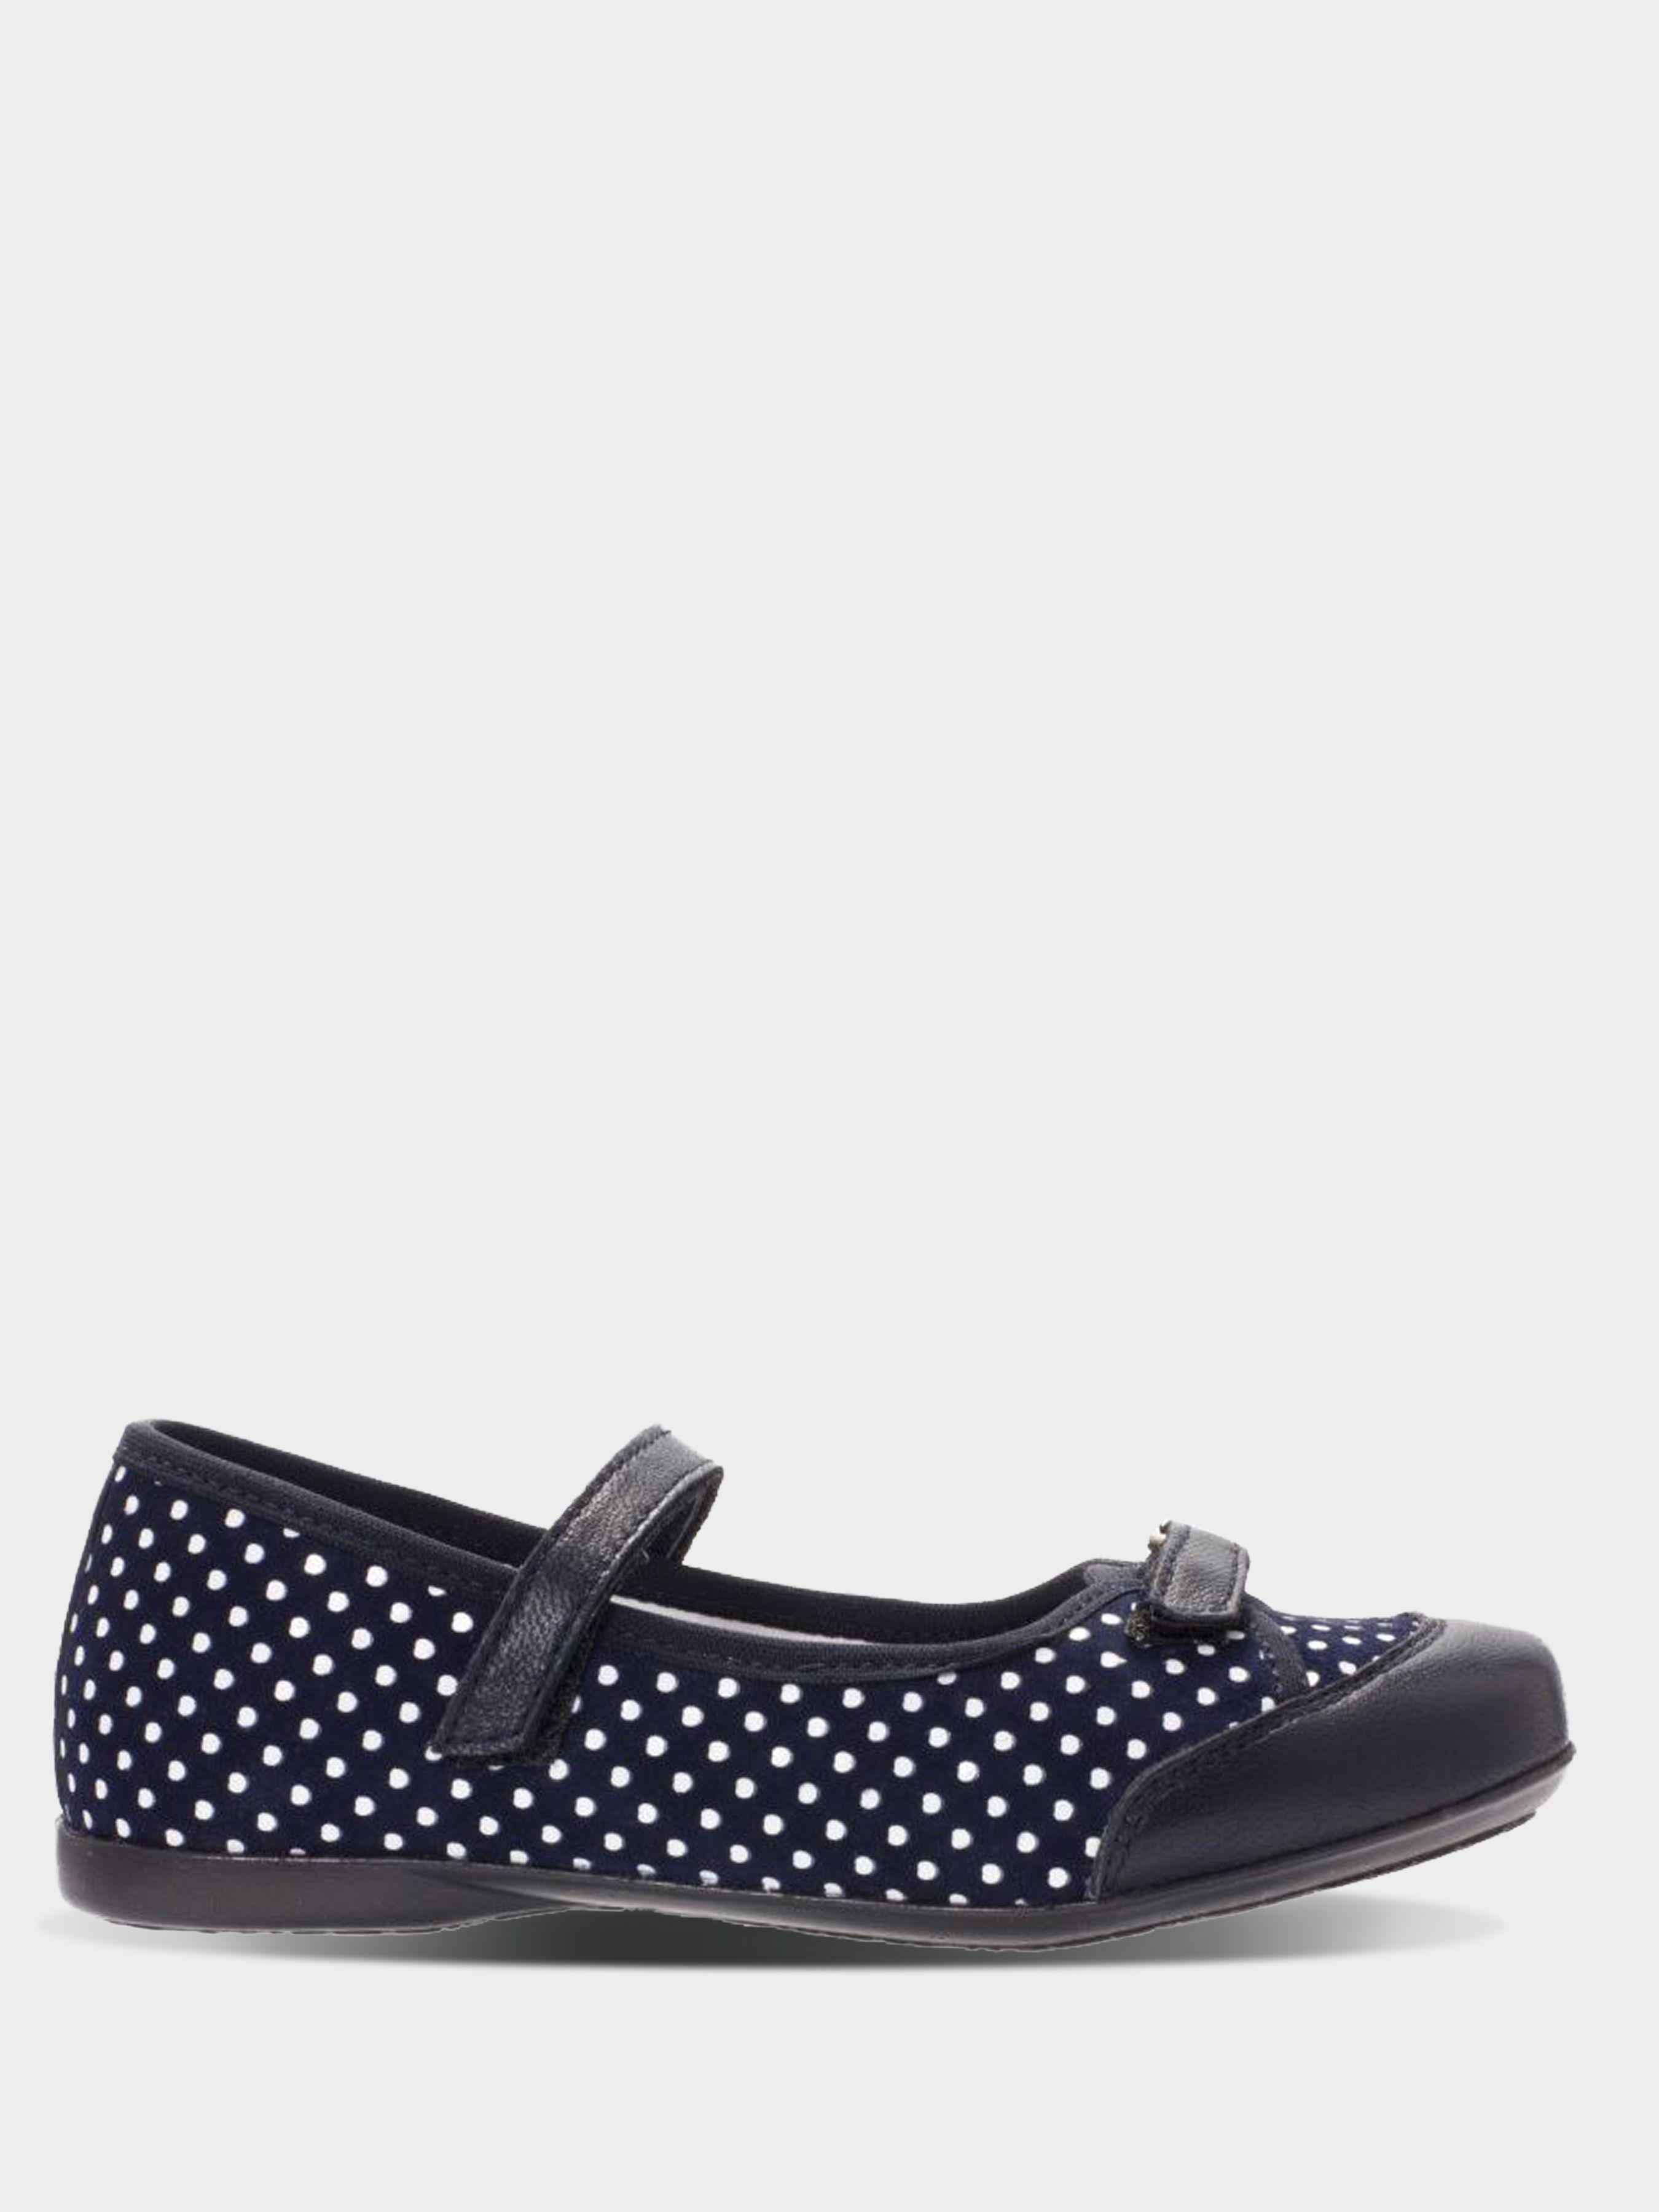 Купить Туфли детские Braska AE135, Синий